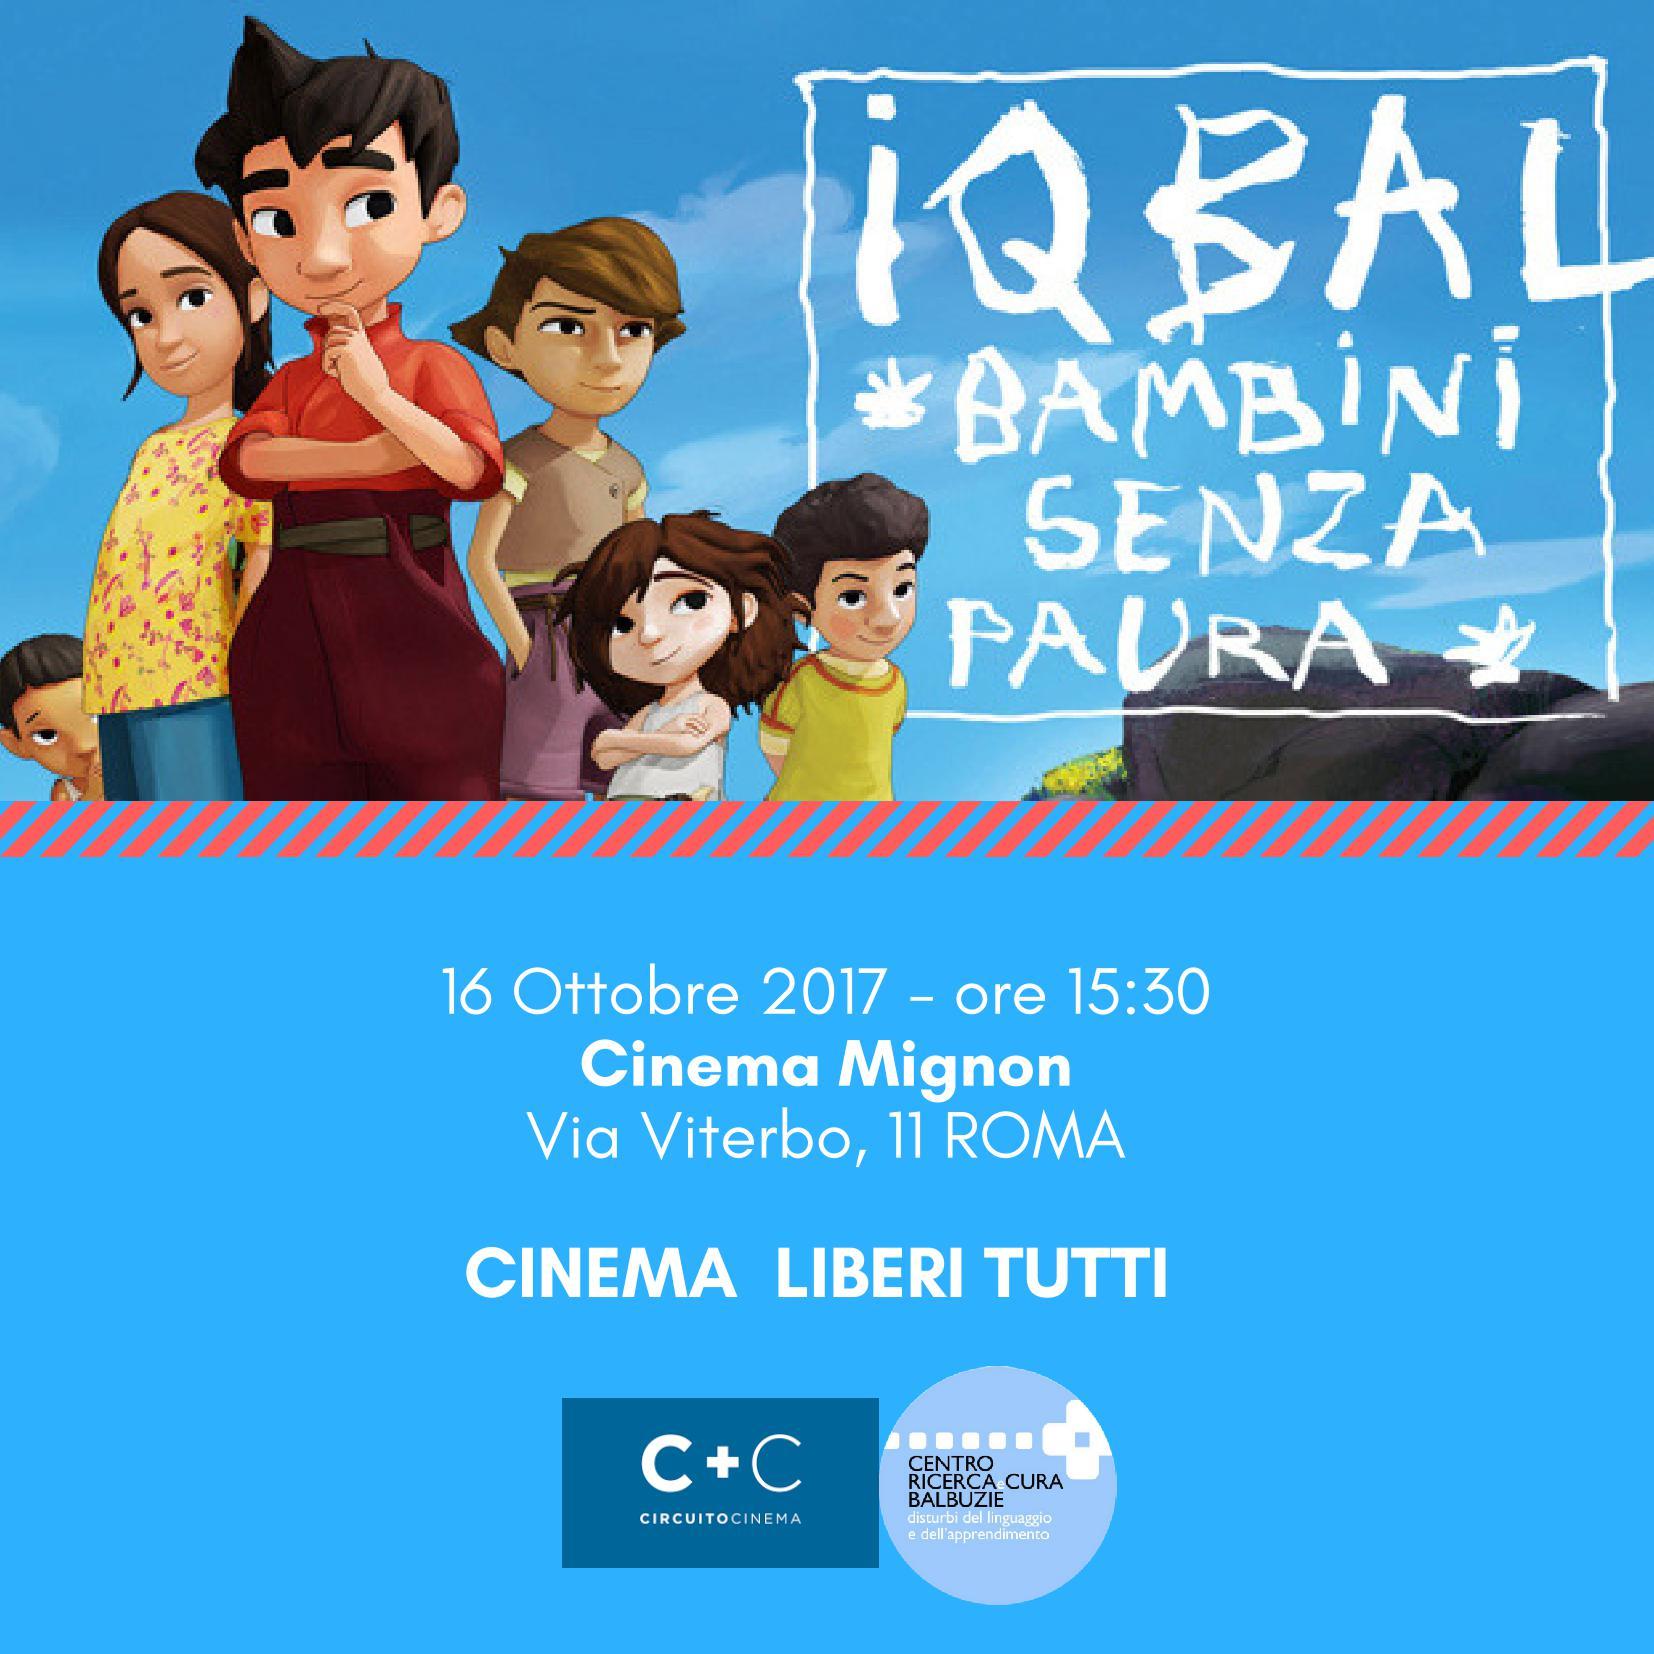 Cinema Liberi Tutti - Iqbal